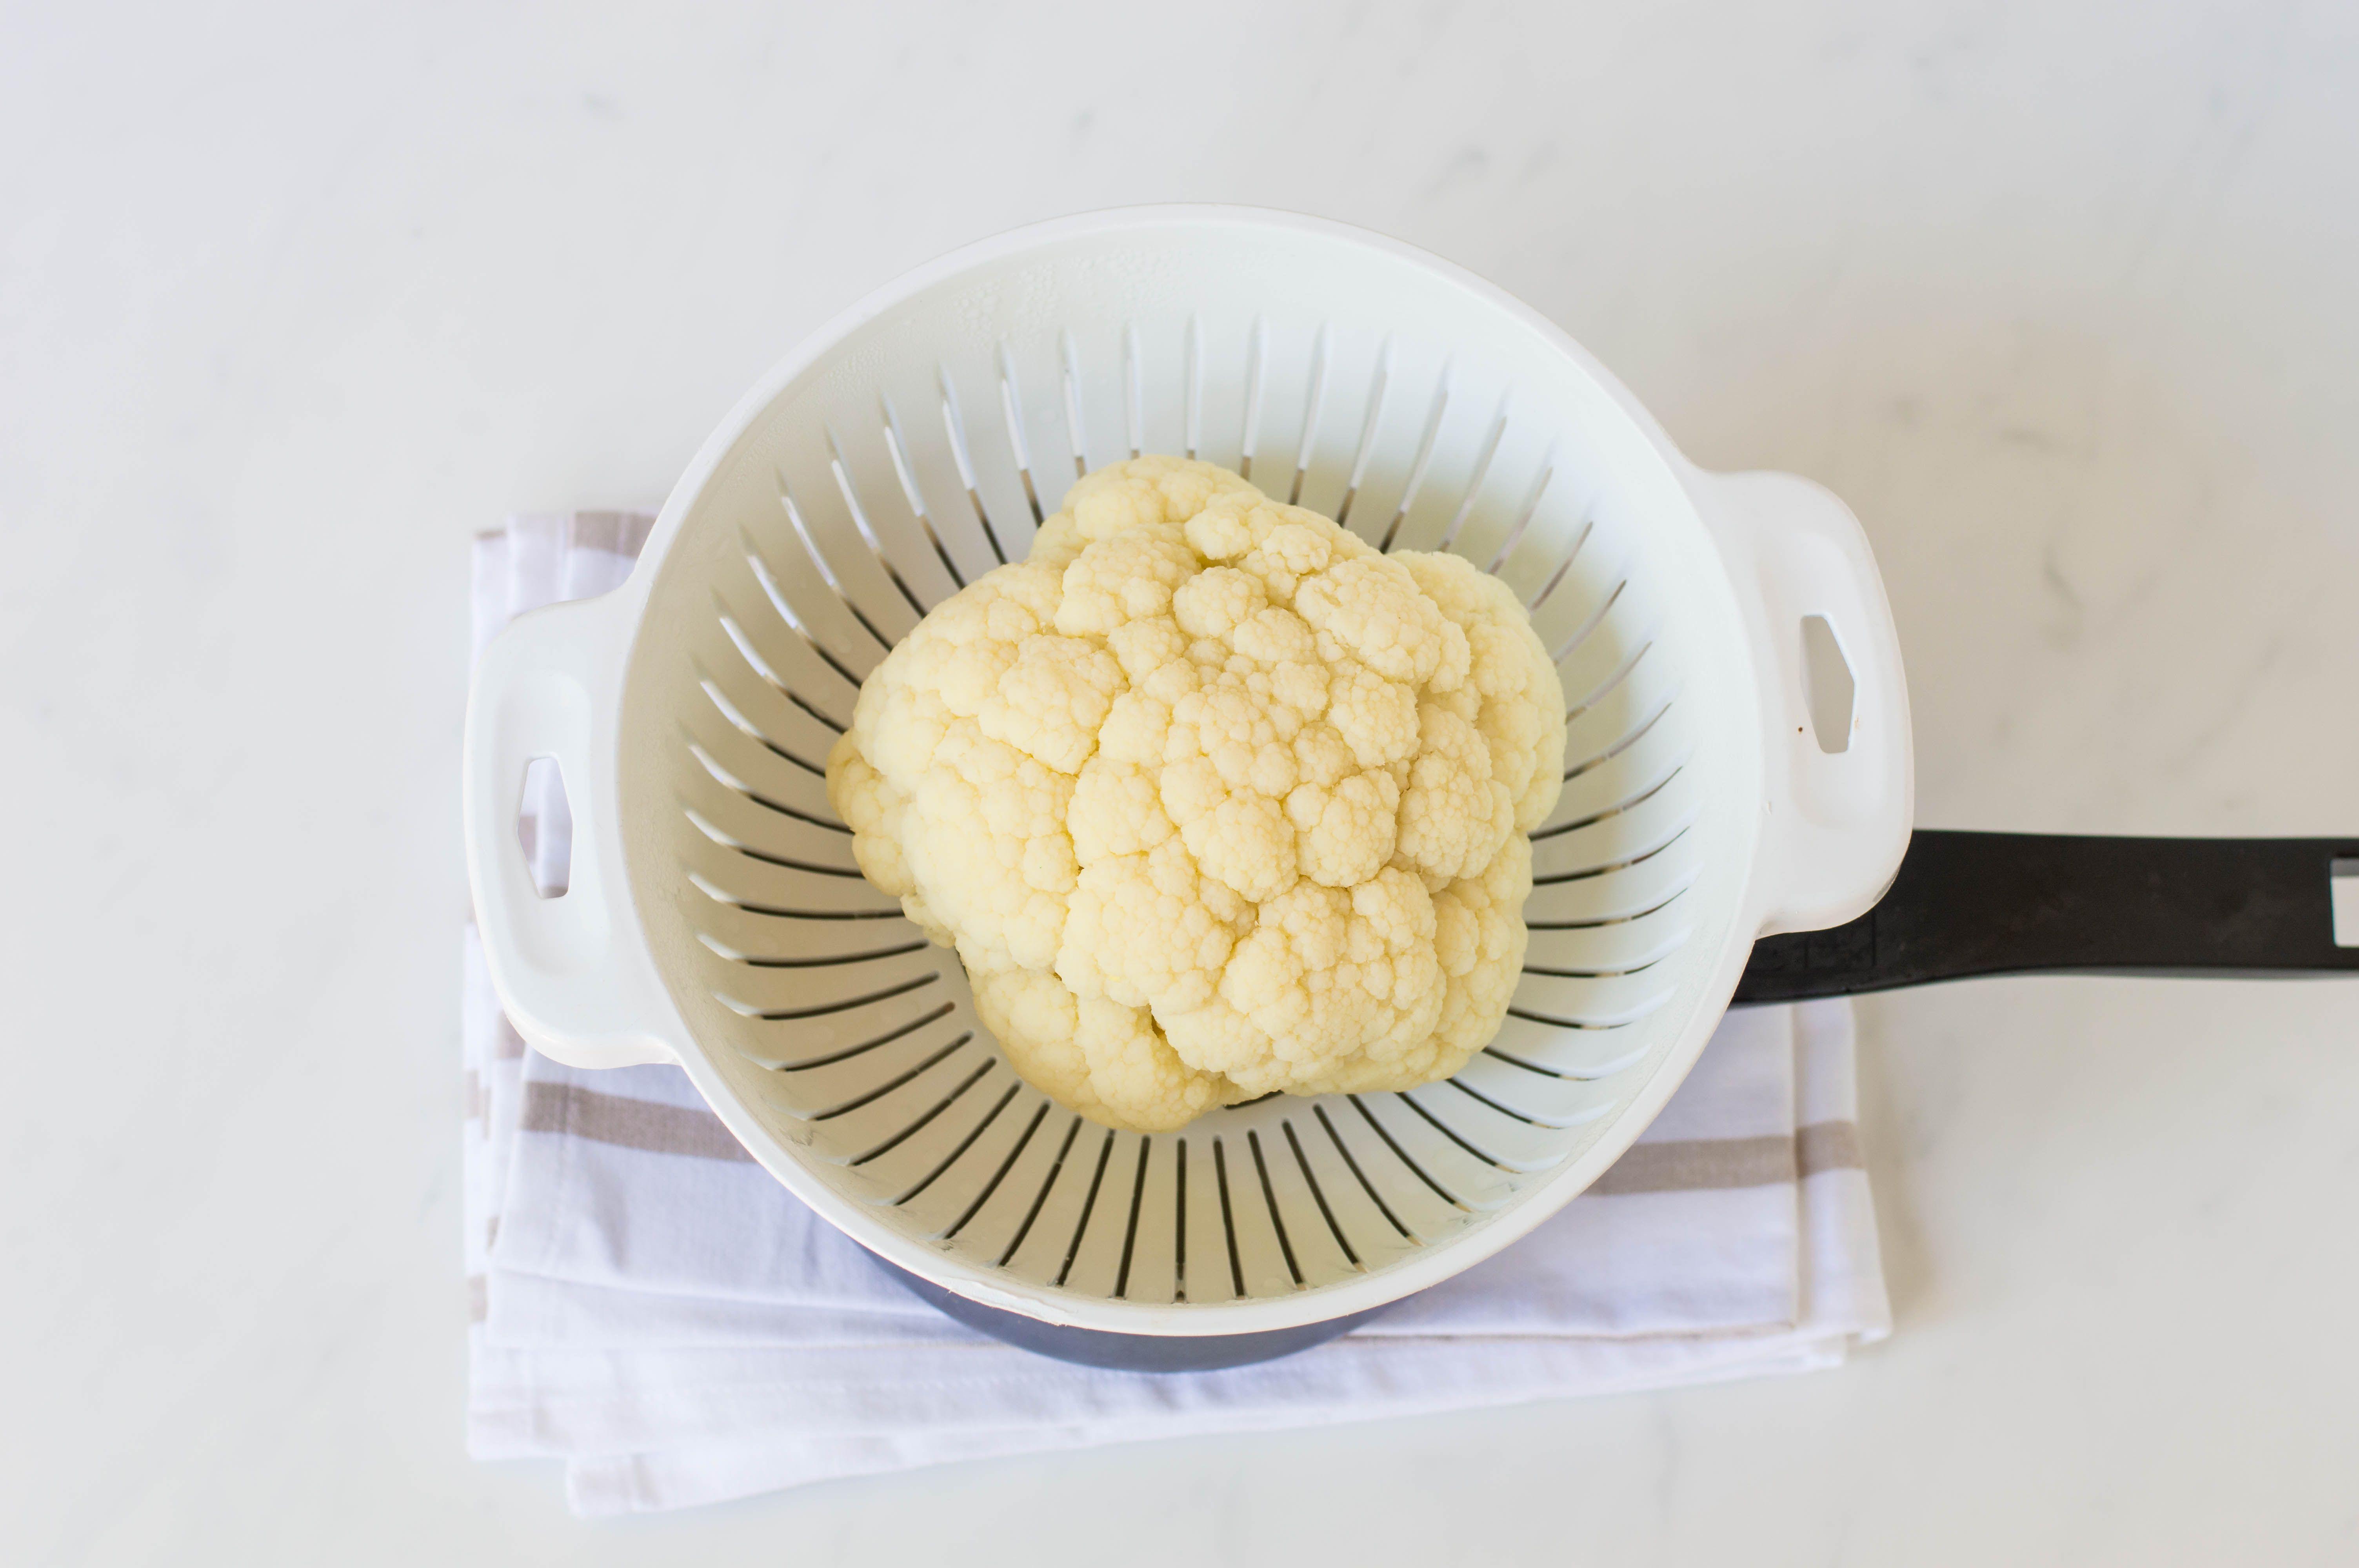 Steaming cauliflower